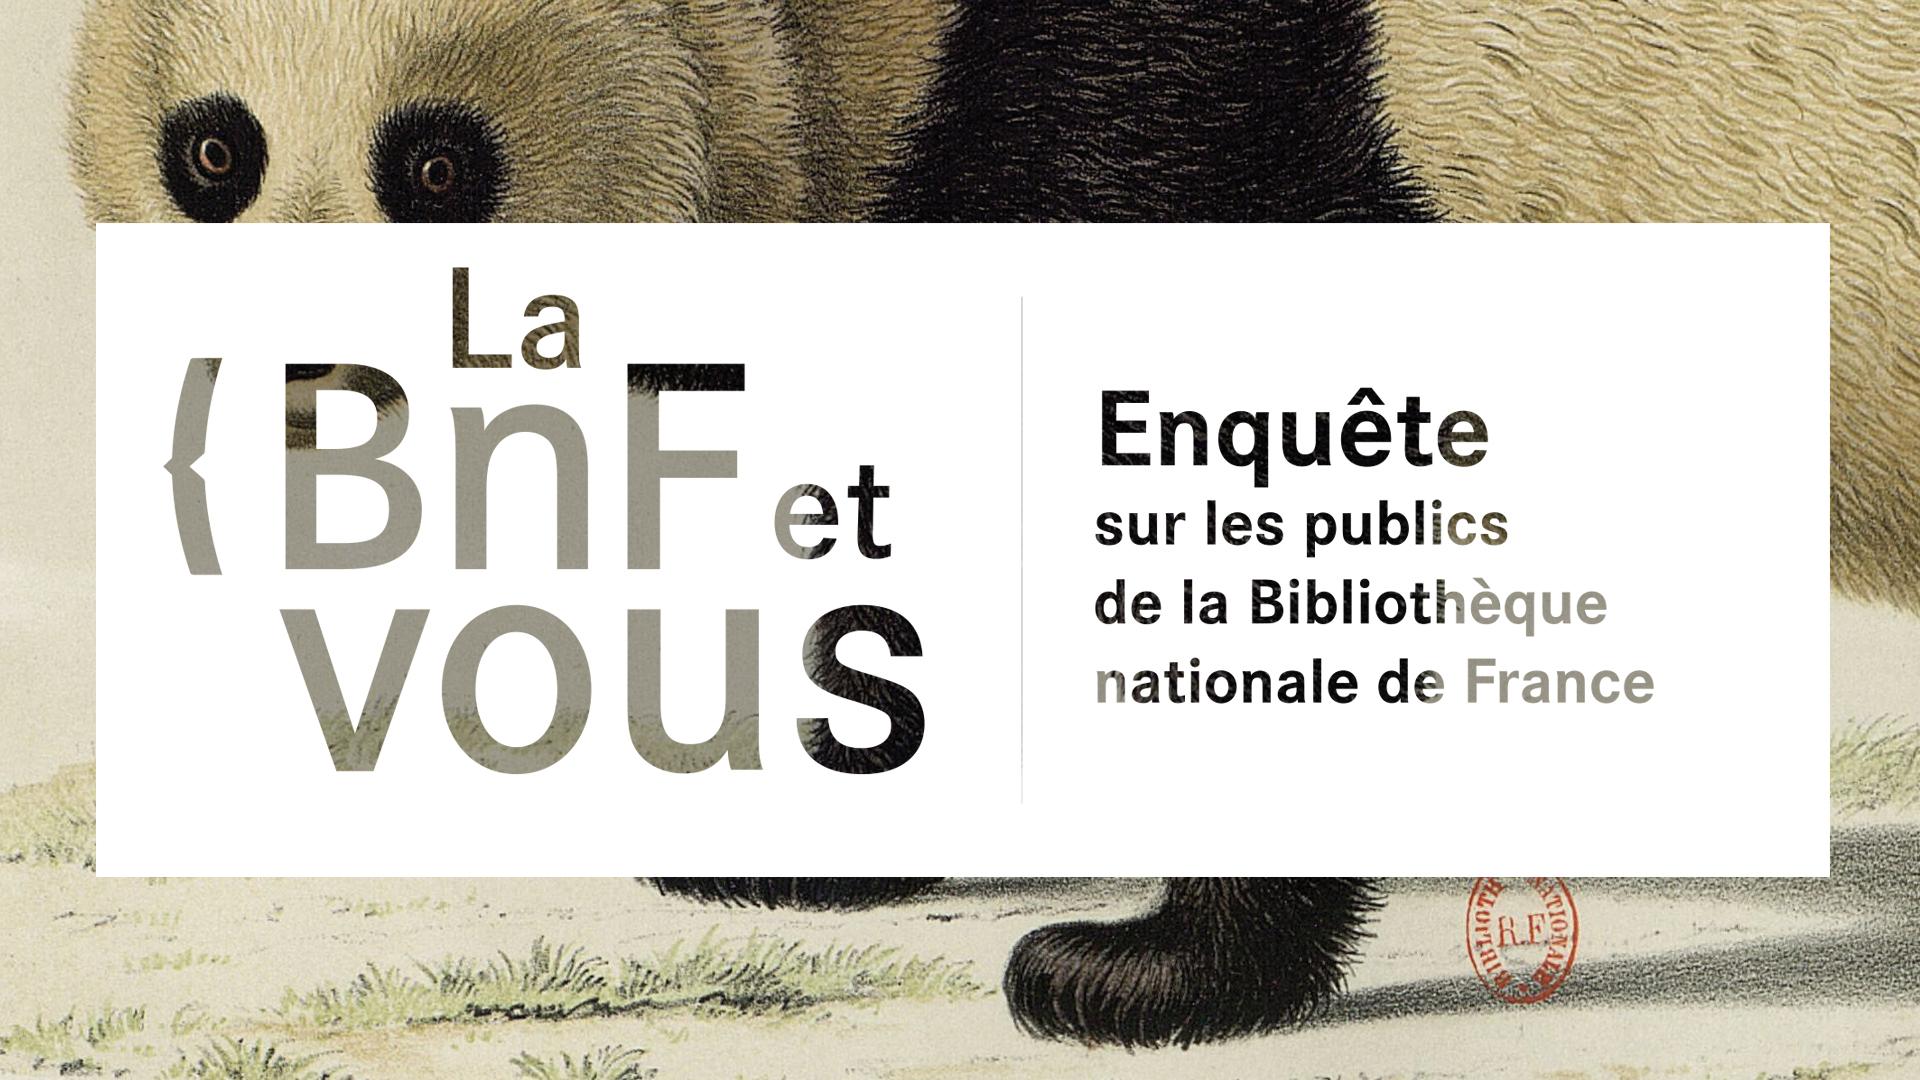 La BnF et vous ! Enquête sur les publics de la Bibliothèque nationale de France